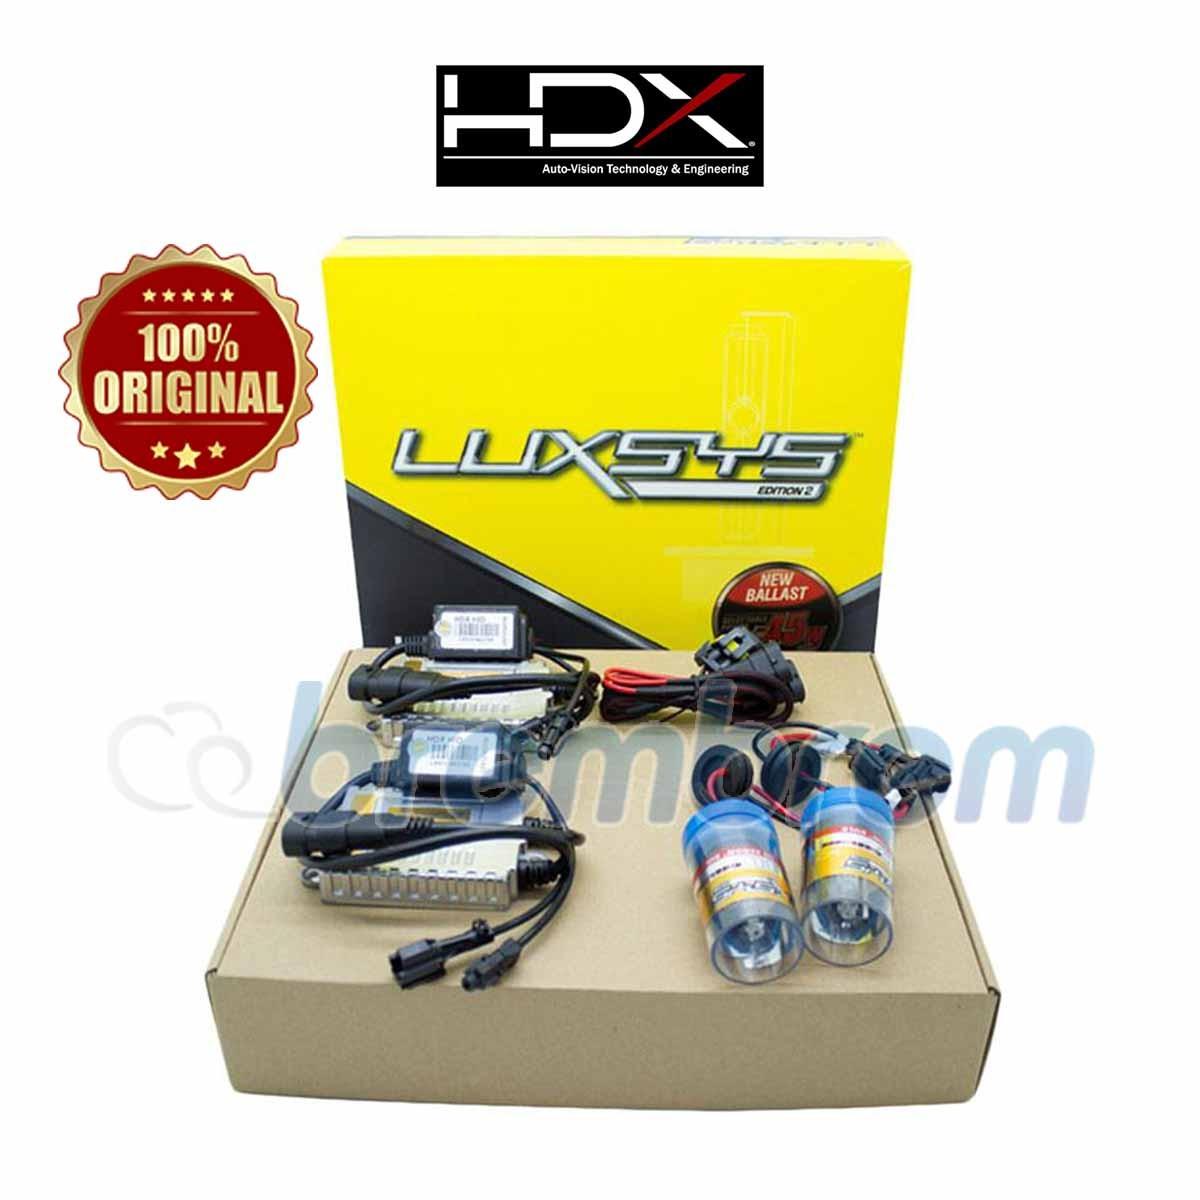 HDX LUXSYS H4 Hi LOW 6000K - LAMPU HID MOBIL